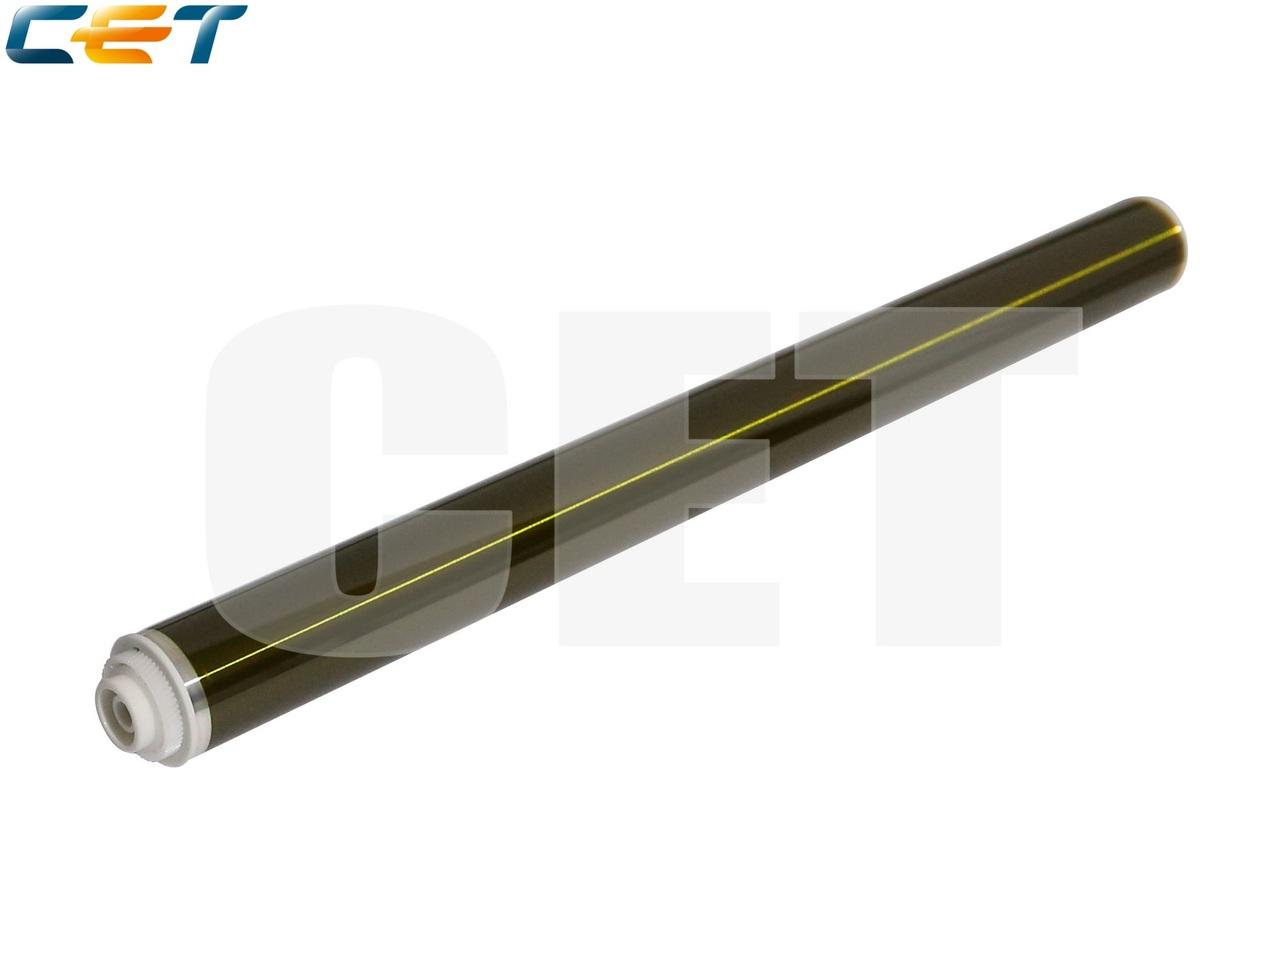 Барабан (Япония, Long Life) + чип для CANON iR ADVANCEC3325i/C3330i/C3320/C3320L/C3320i (CET), 110000 стр.,CET5225